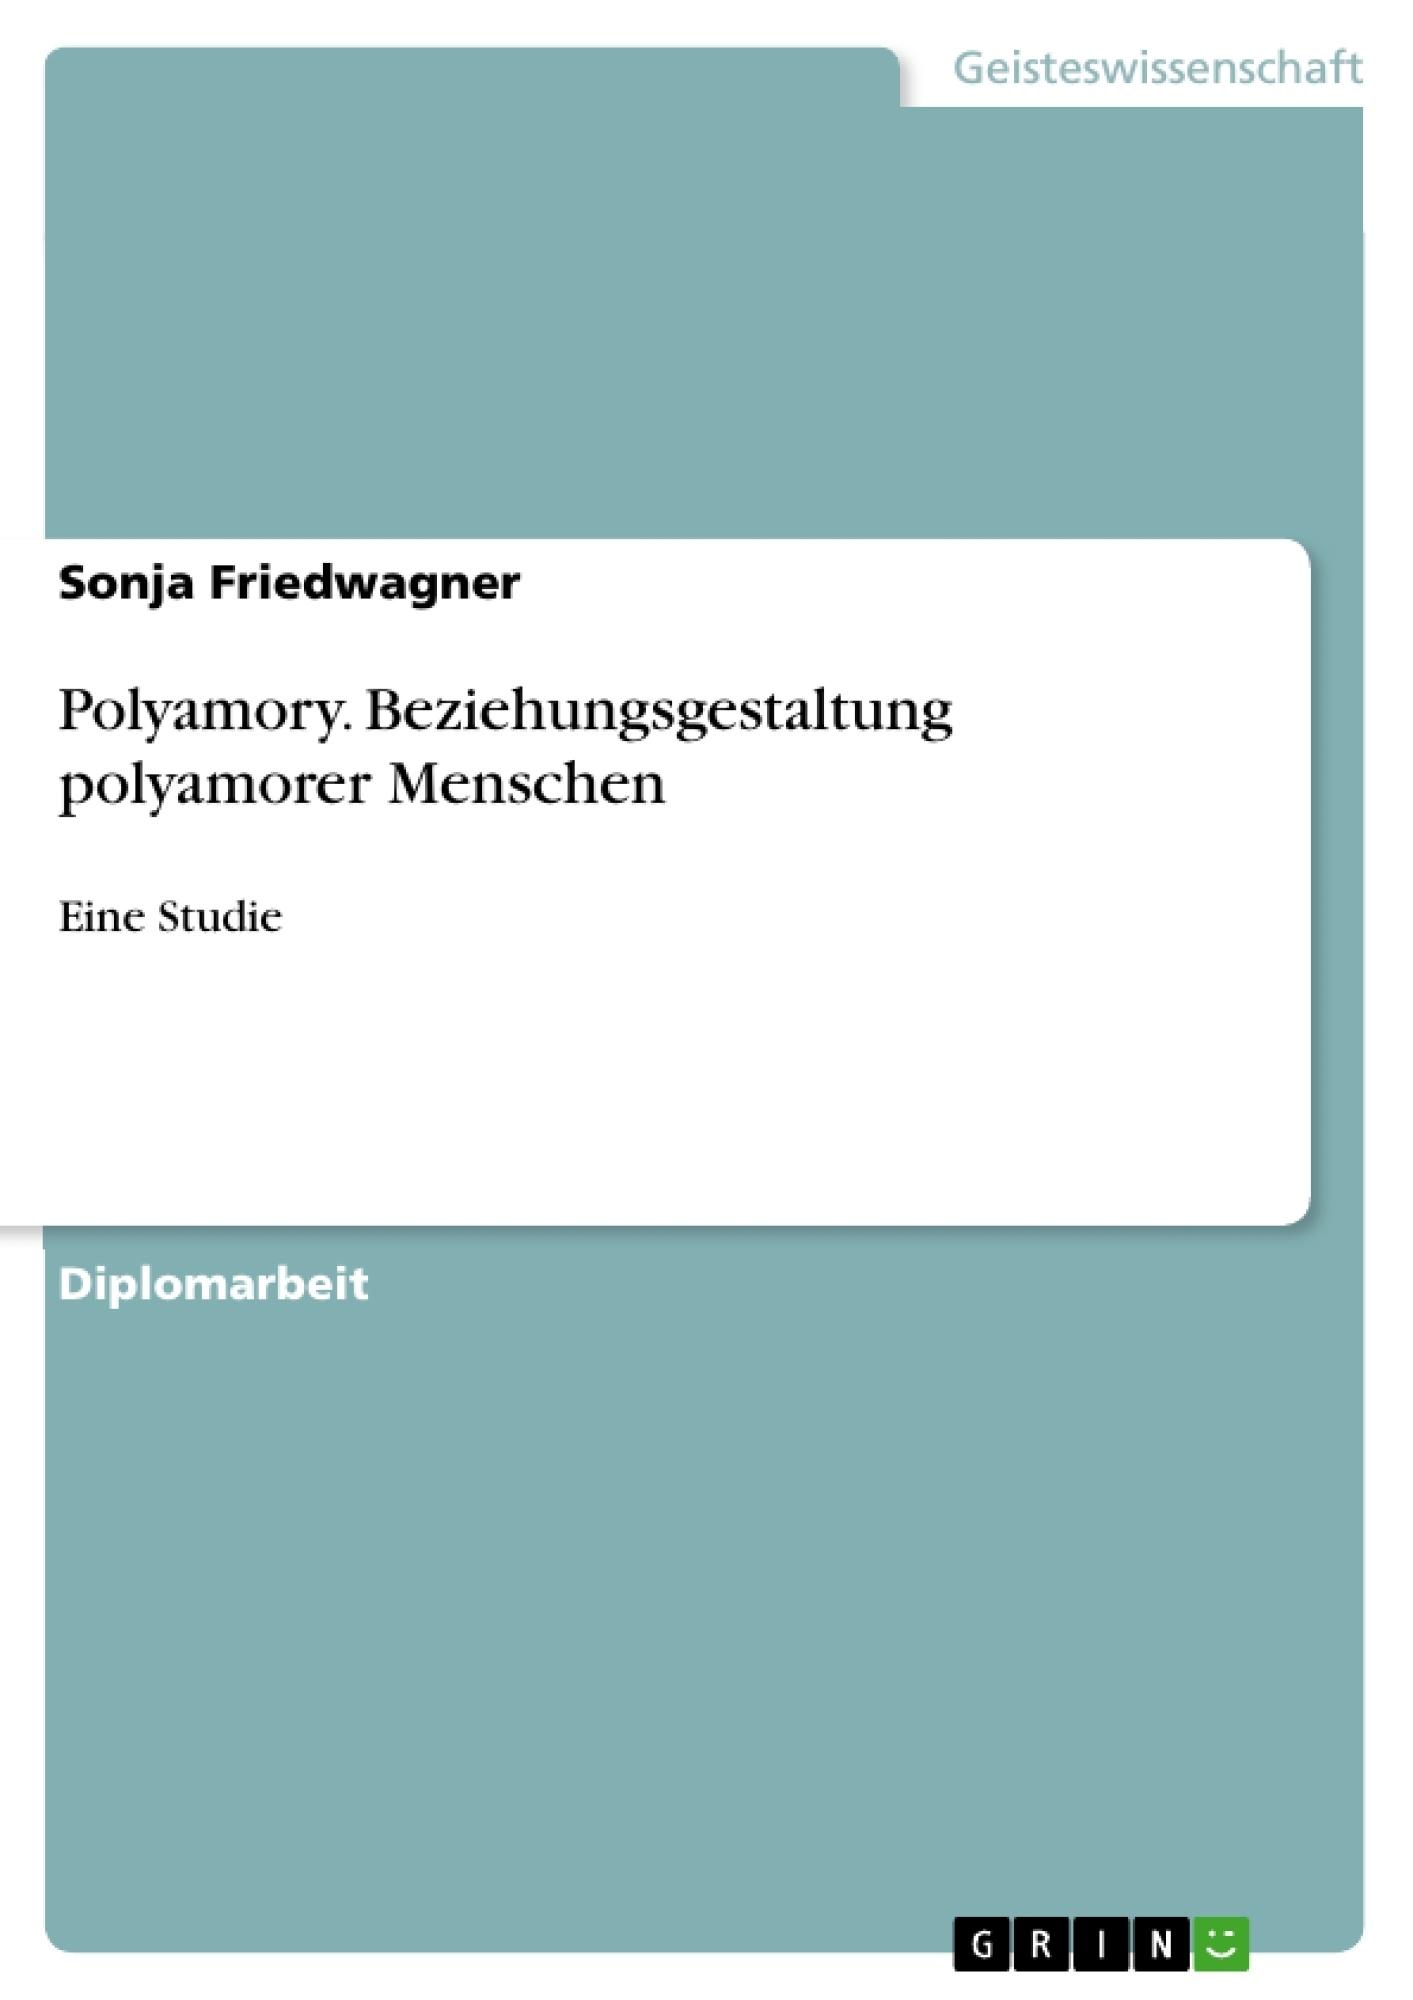 Titel: Polyamory. Beziehungsgestaltung polyamorer Menschen